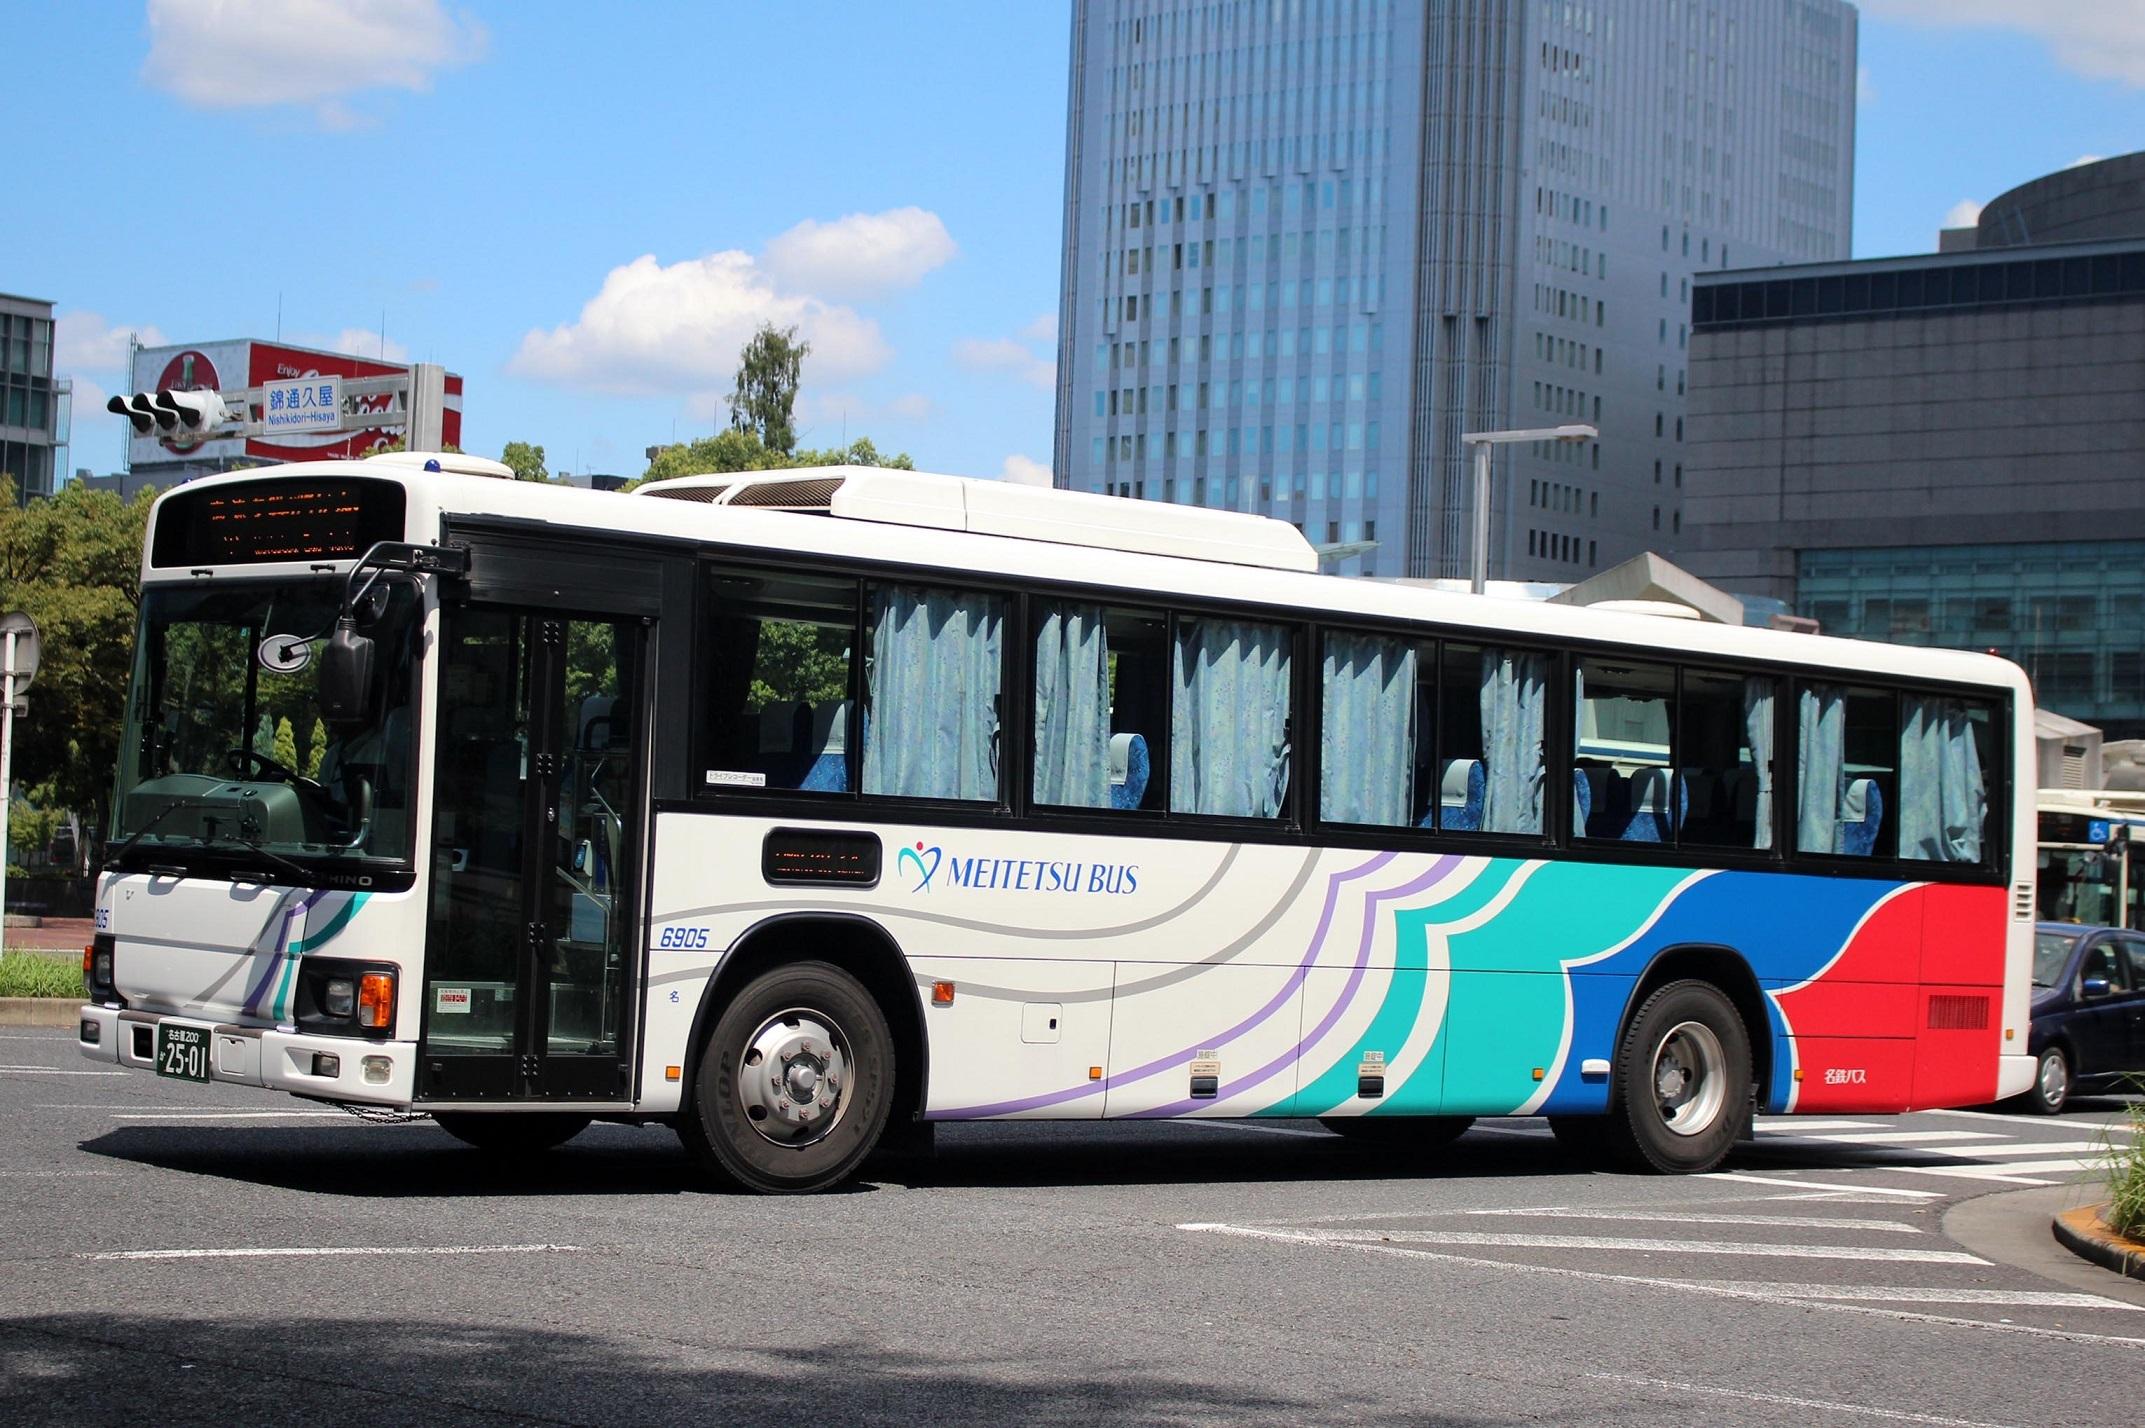 名鉄バス 6905